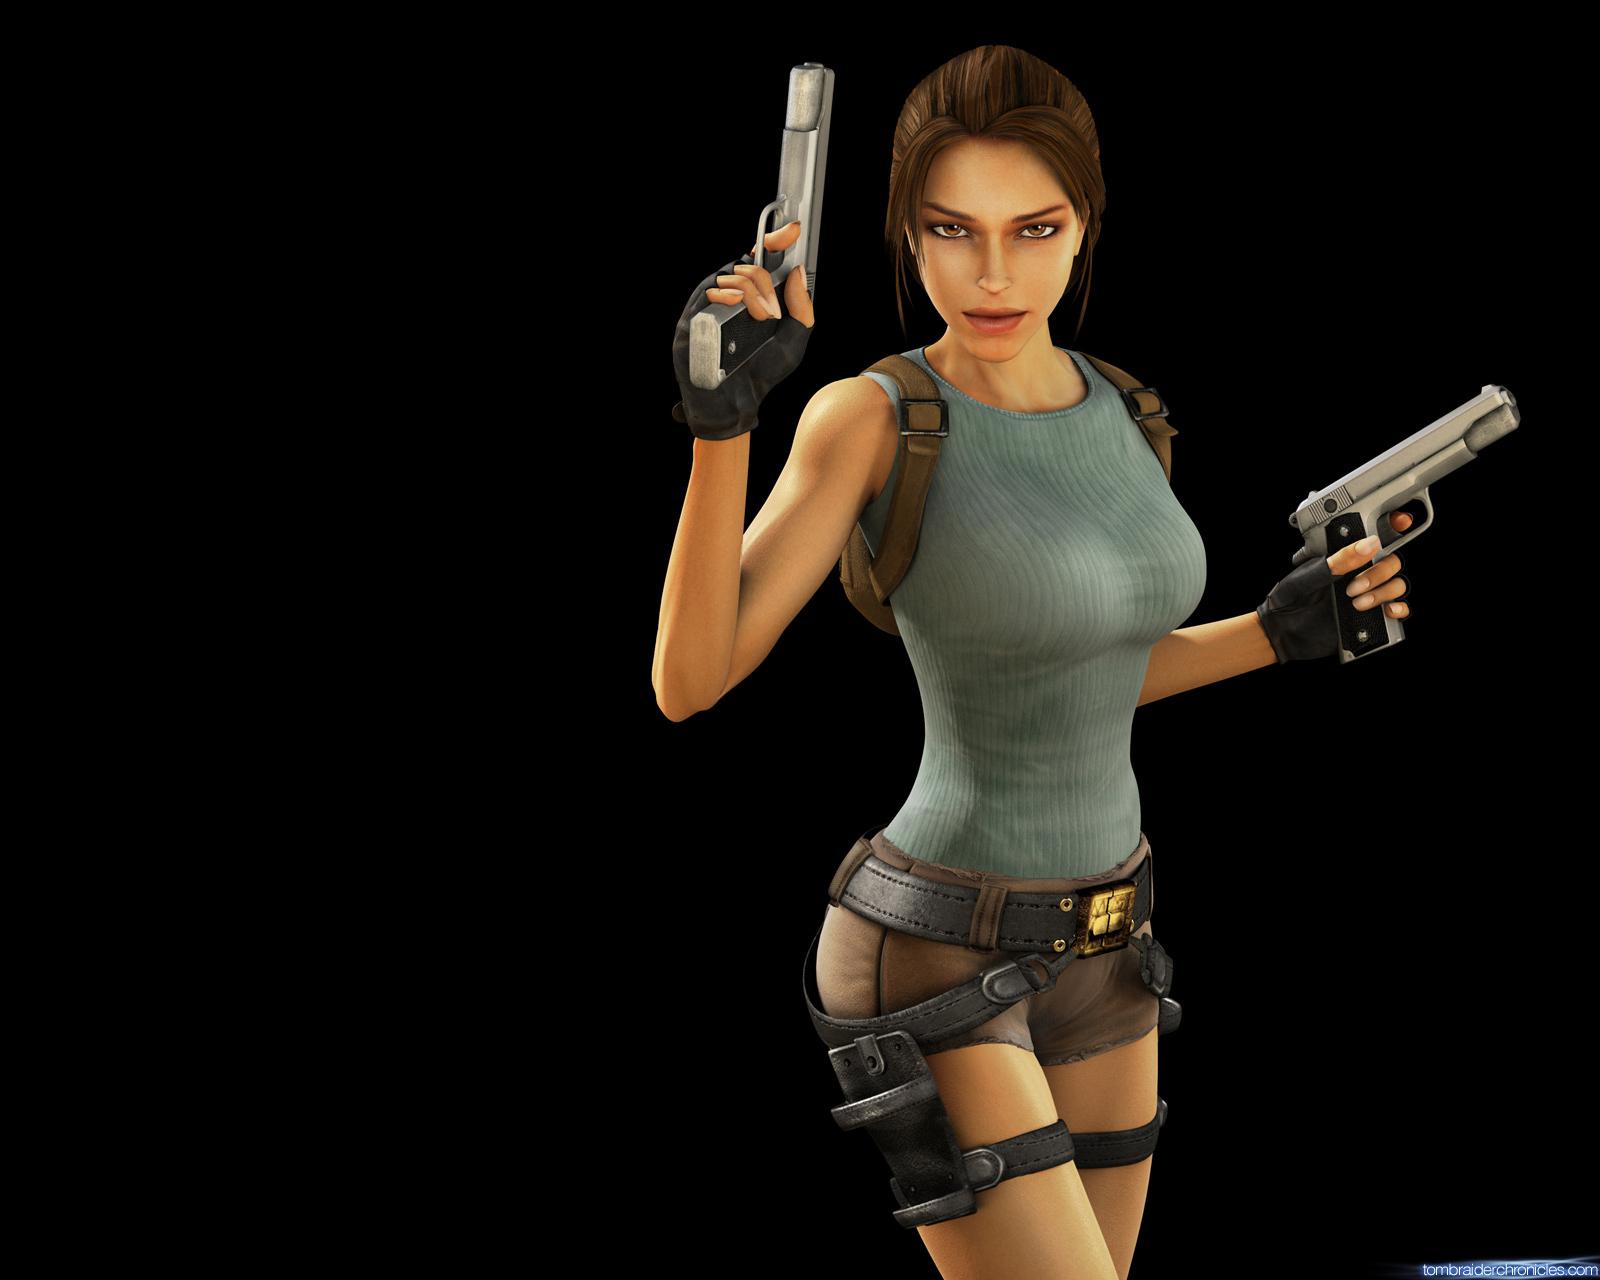 ¿Cómo sacar todo el trabajo sin ser Lara Croft? 4 consejos.